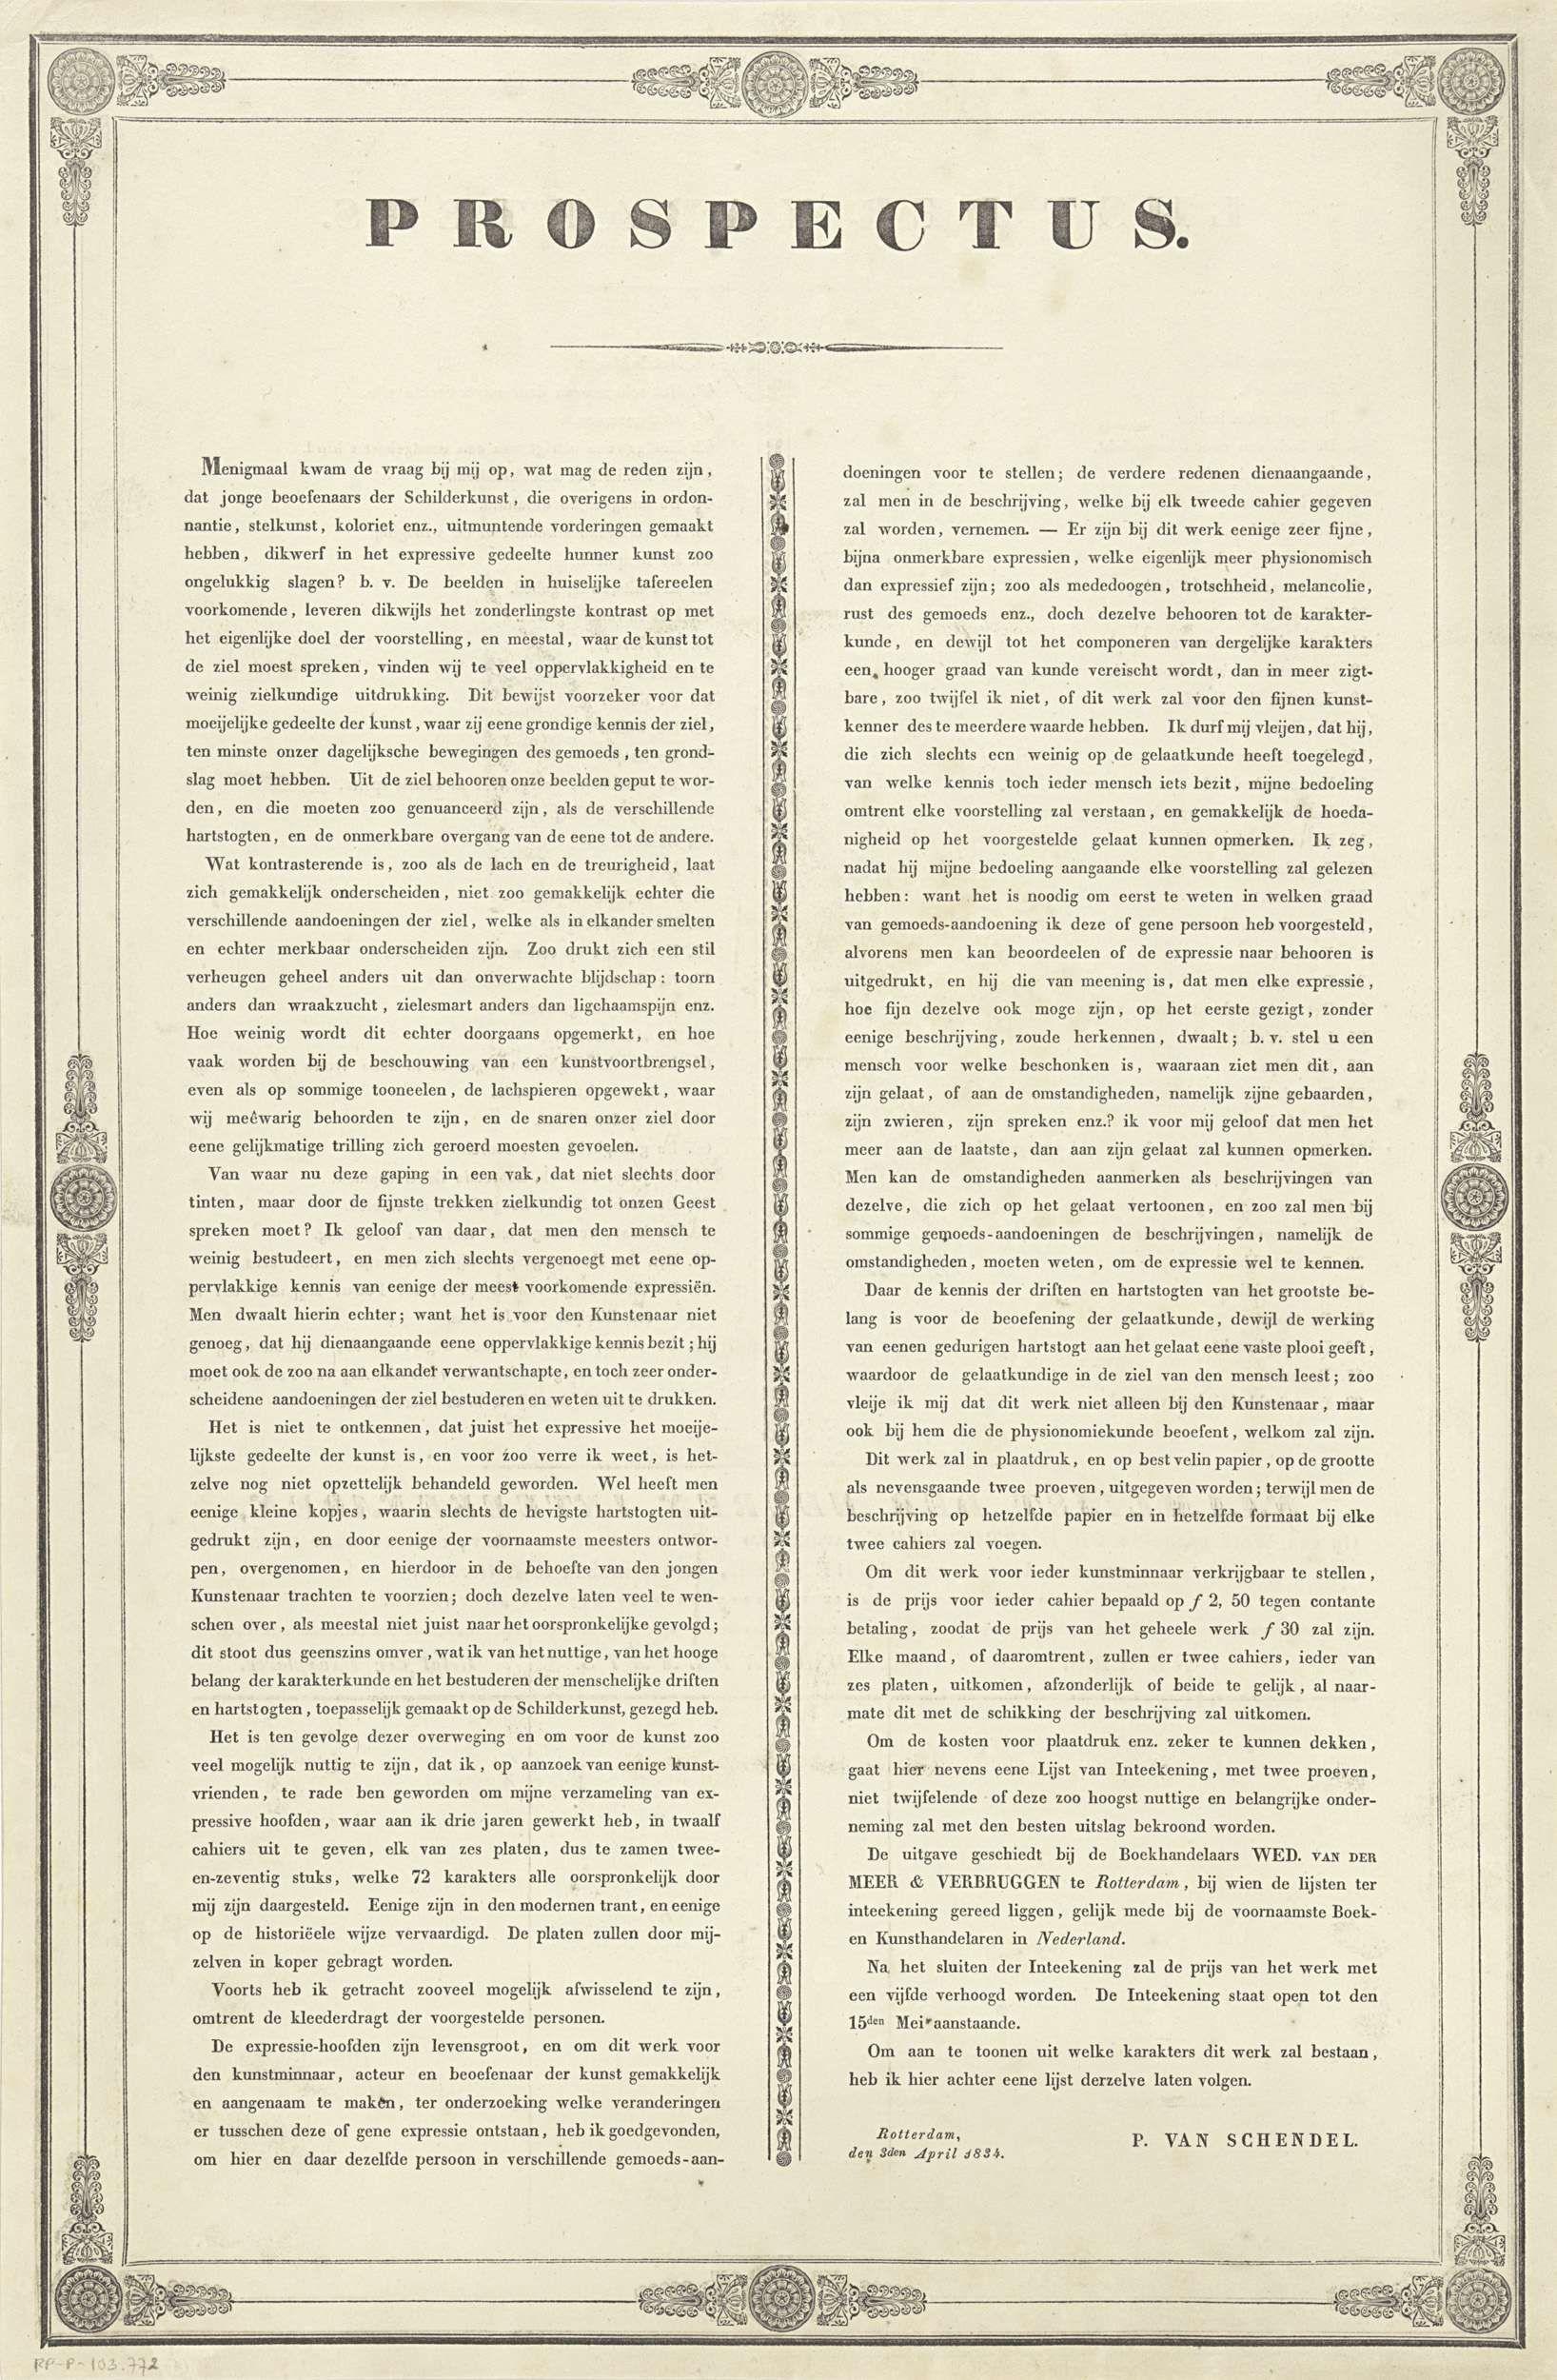 Anonymous | Folder met intekenlijst, Anonymous, Petrus van Schendel, 1834 | Informatie van Petrus van Schendel over de uit te brengen cahiers met afbeeldingen van menselijke emoties. Verso een lijst met de 72 verschillende emoties en een intekenlijst.